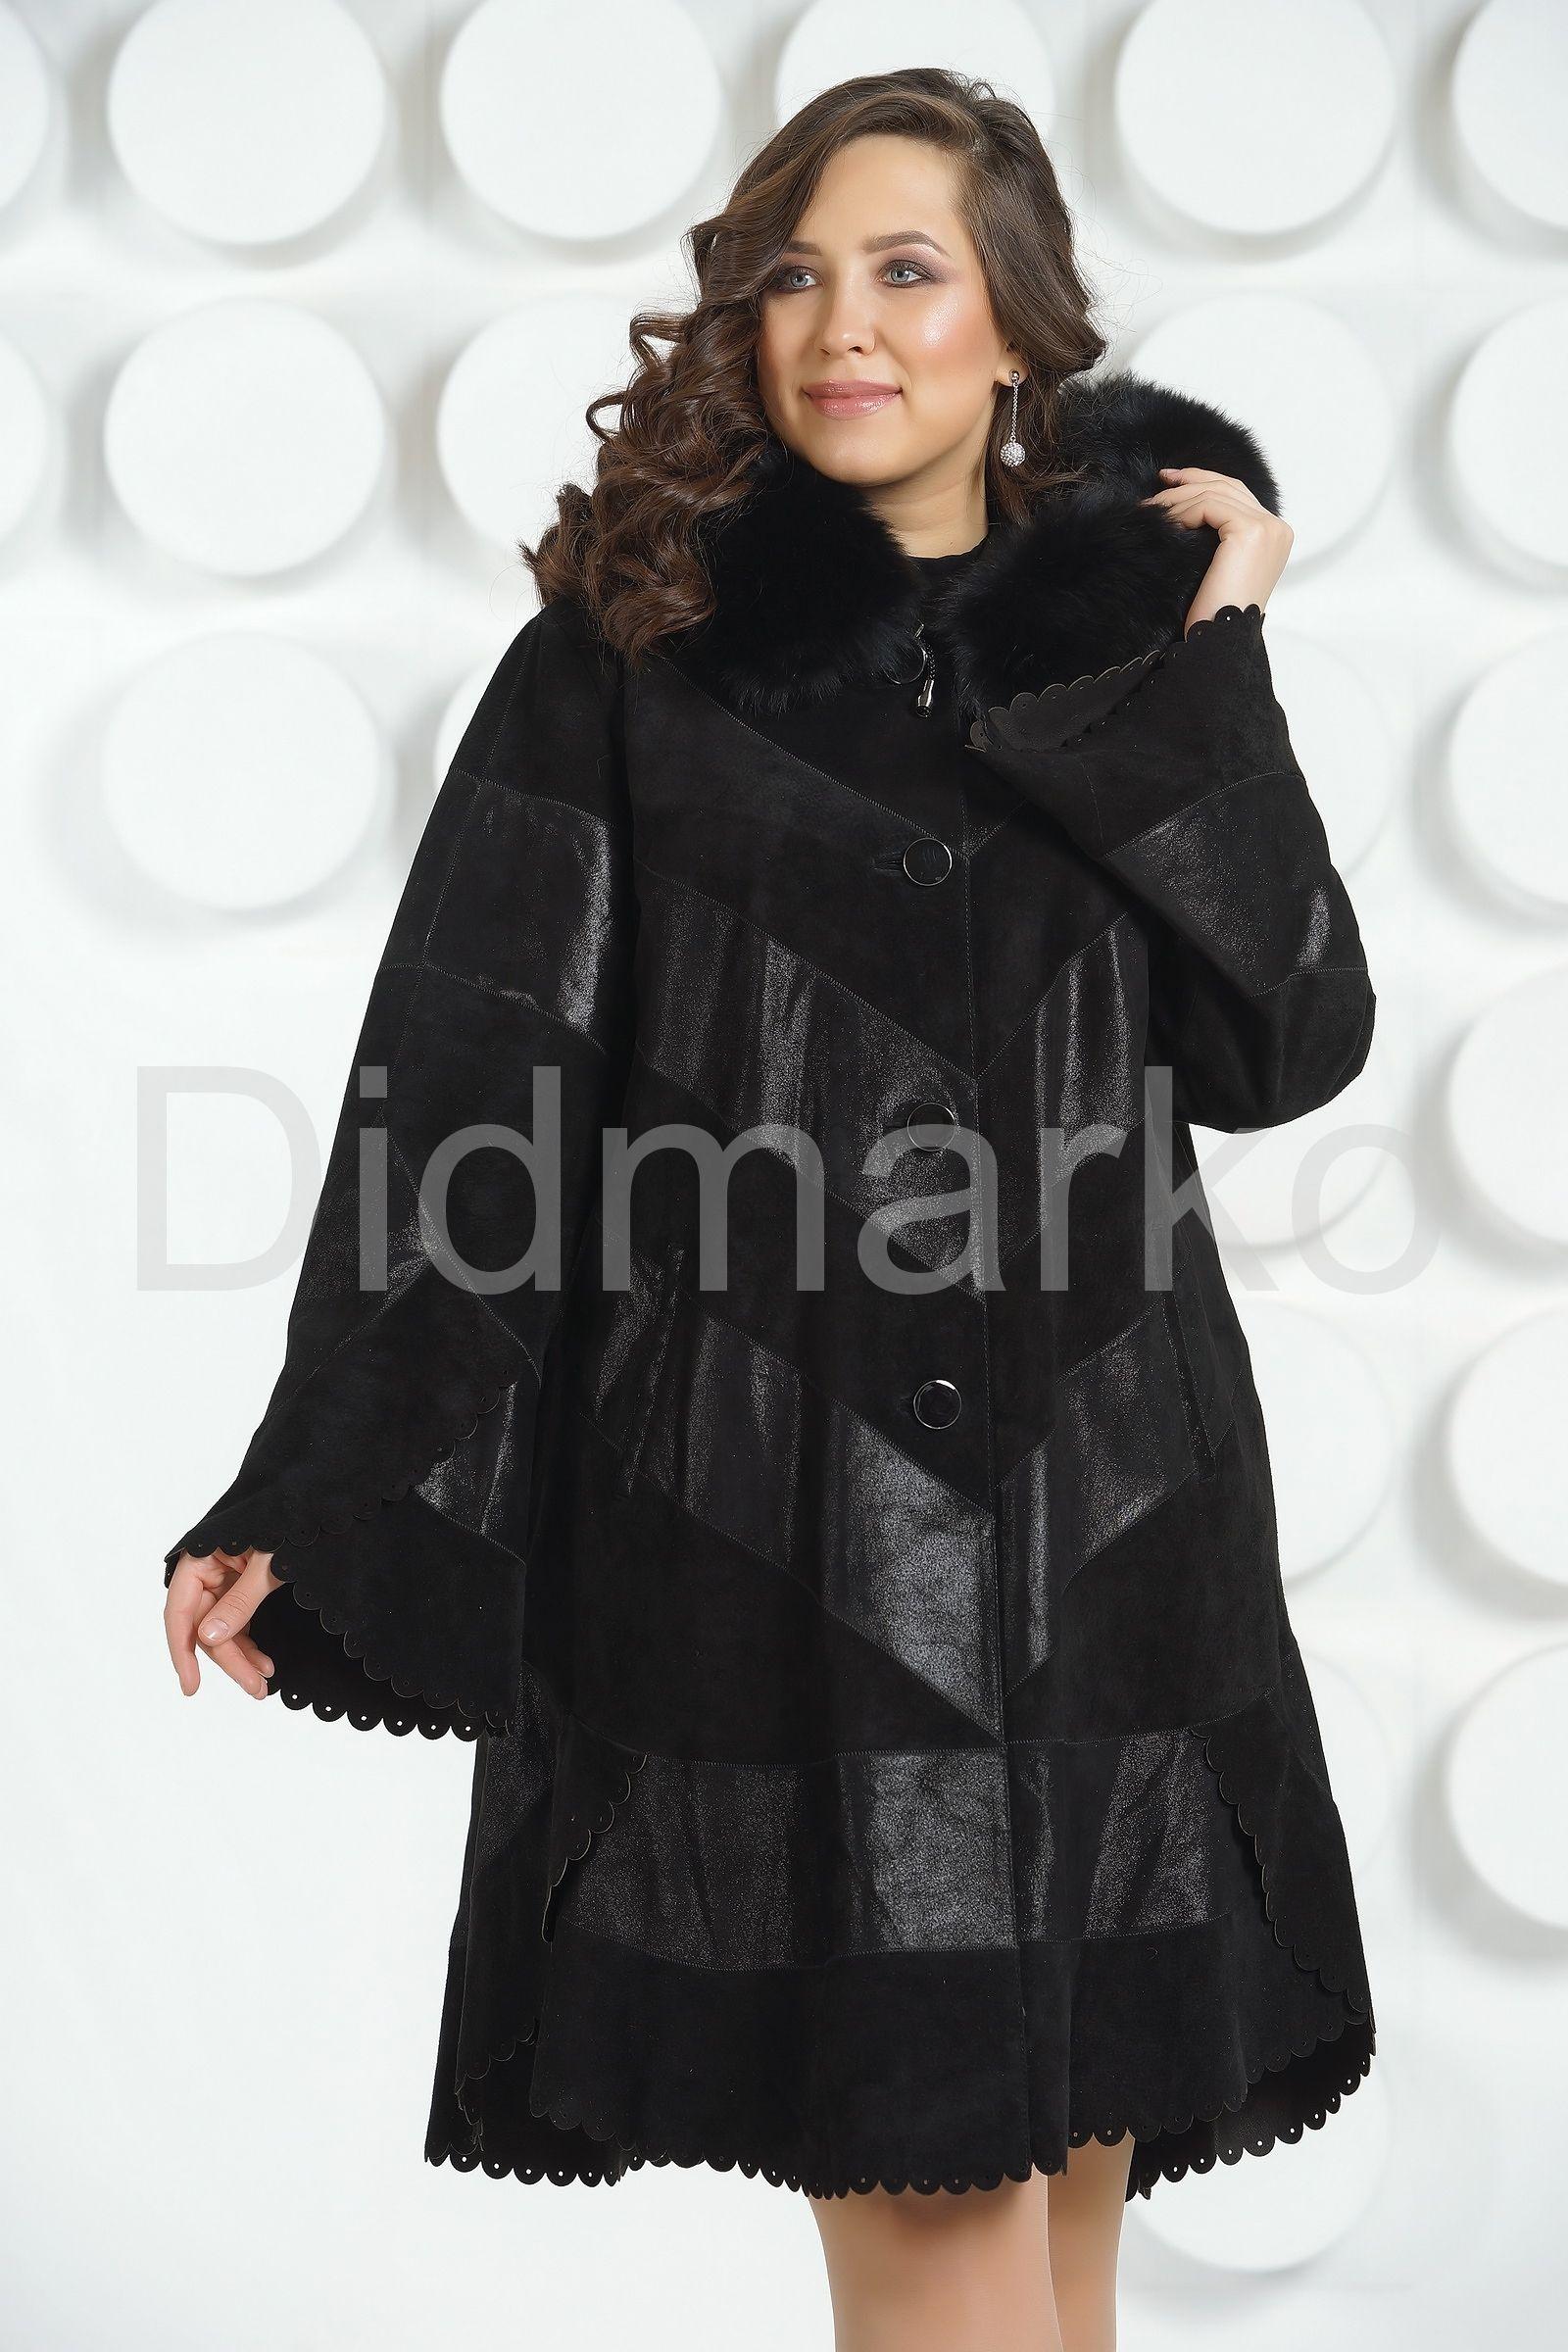 78efcdf9a37 Купить кожаное пальто женское в Москве в интернет-магазине Дидмарко ...